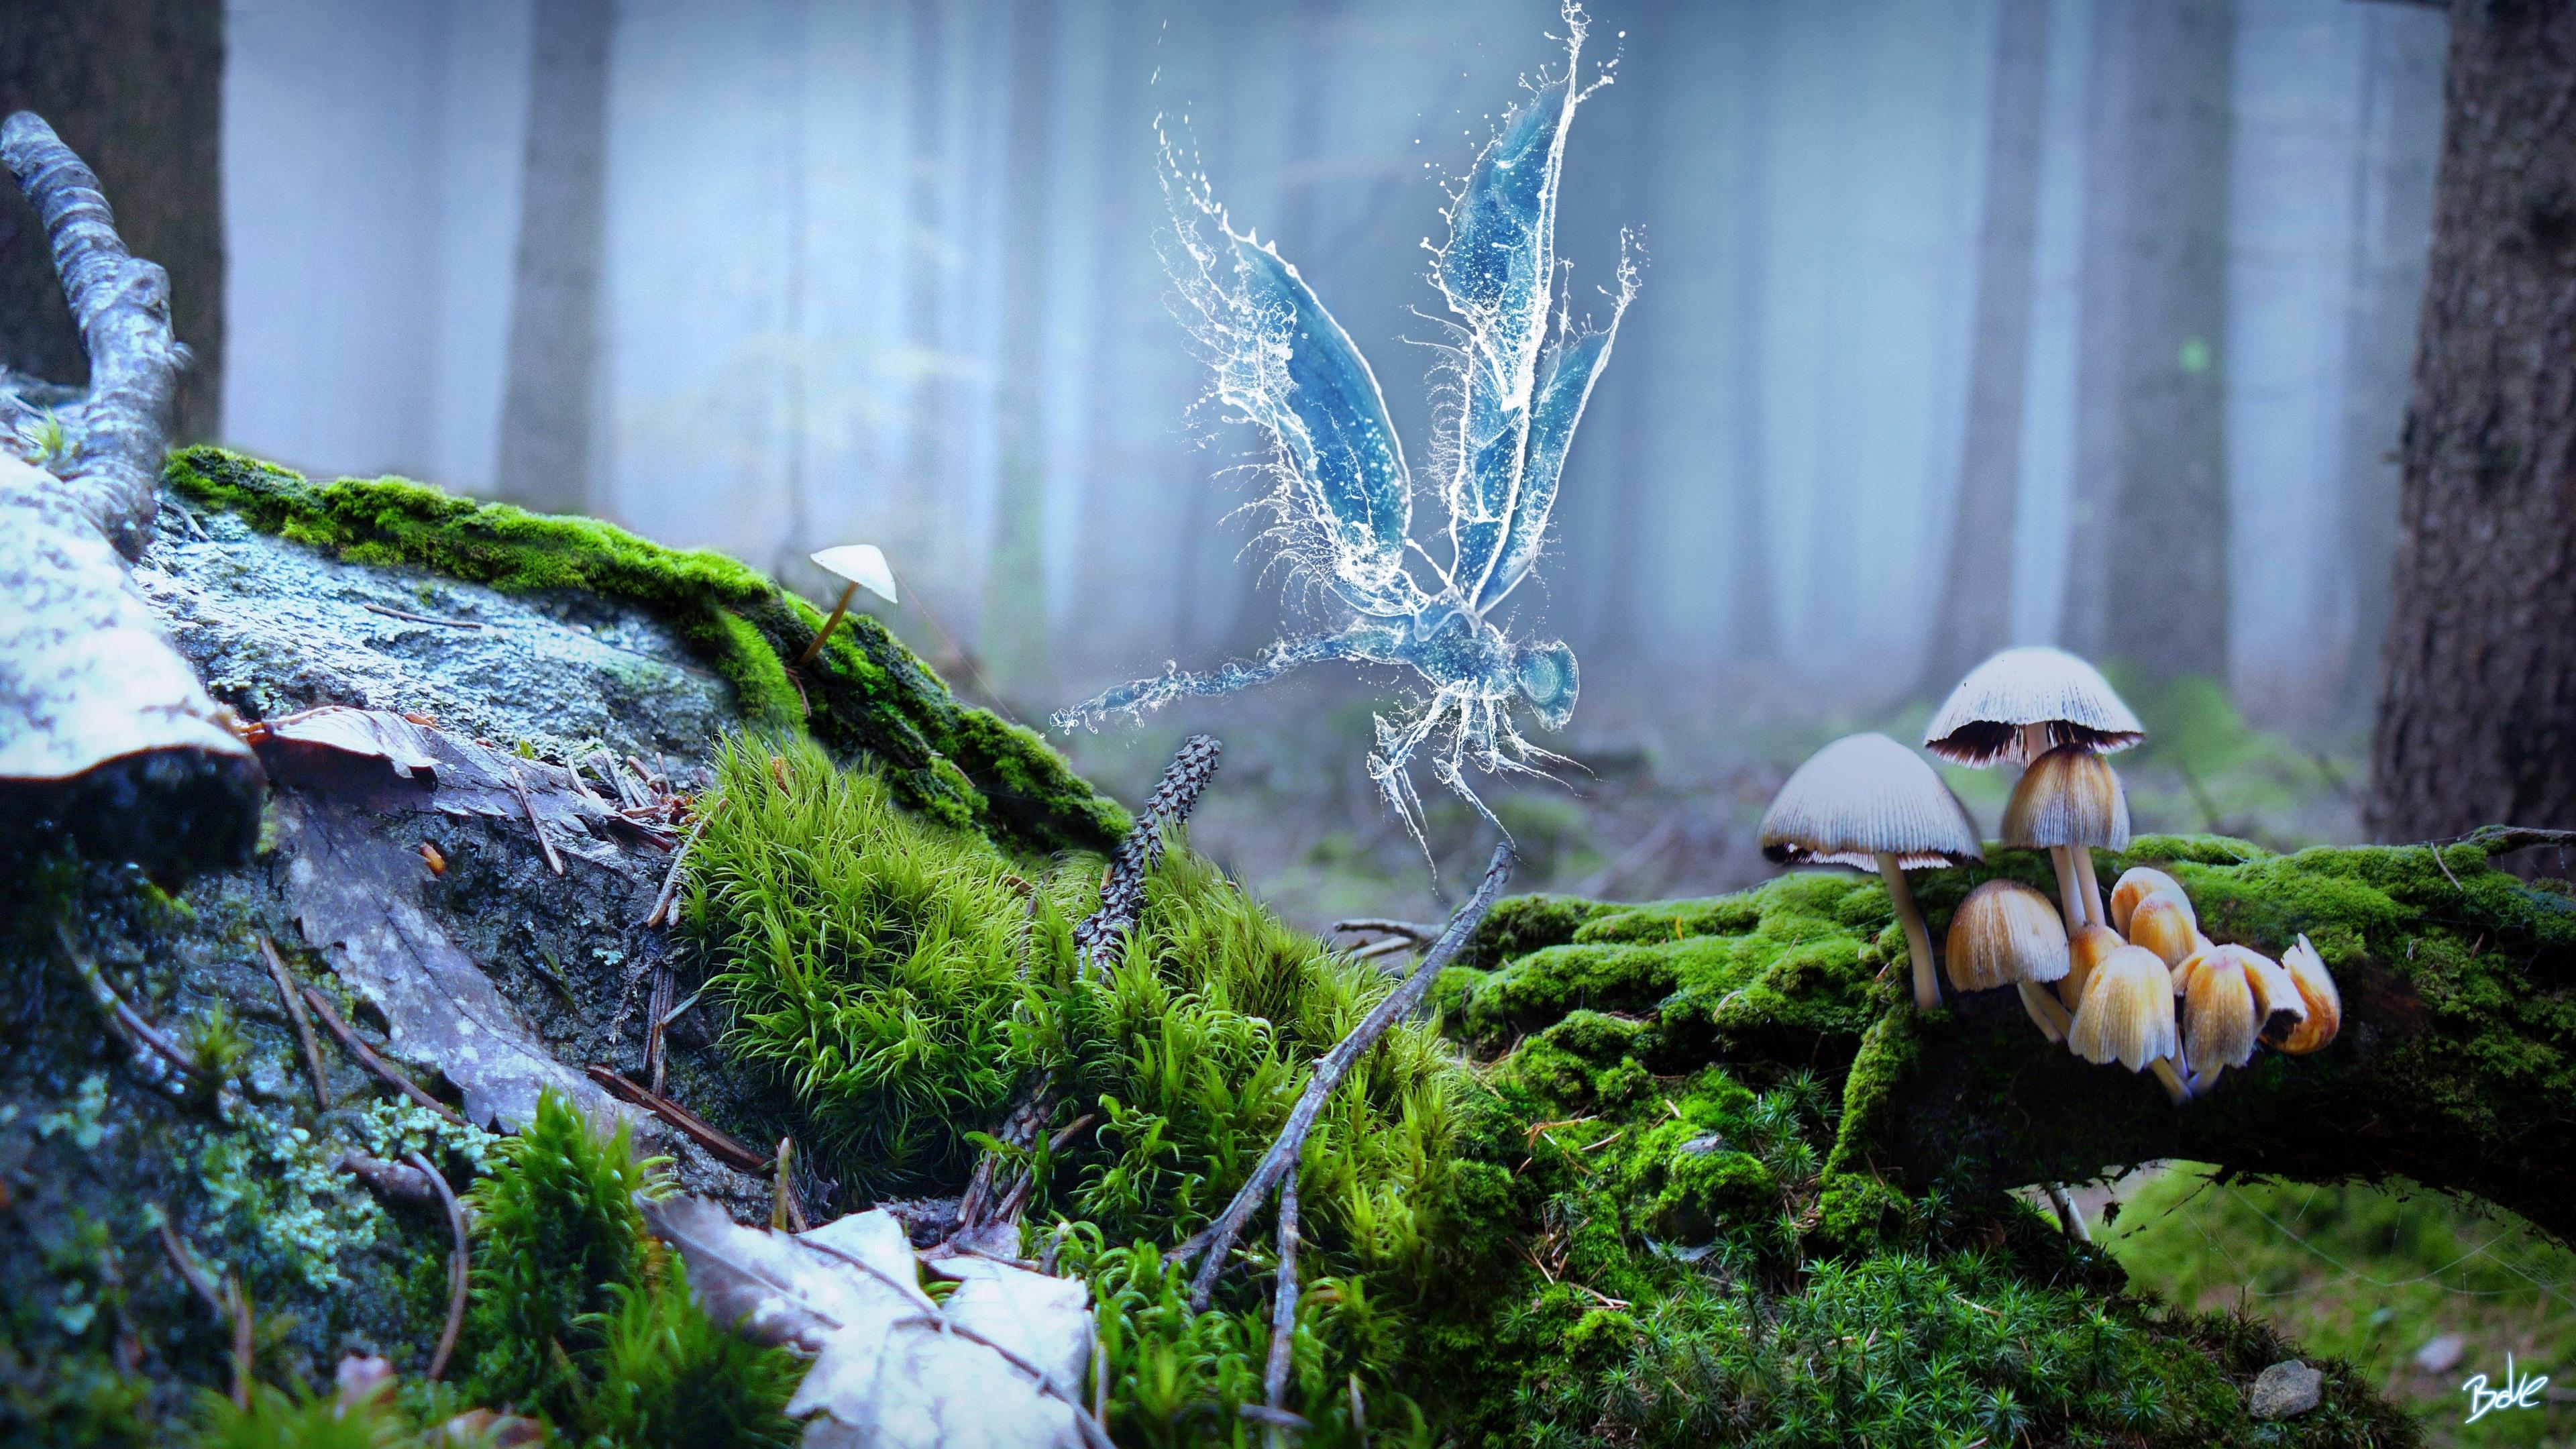 Стрекоза с волшебными крыльями в туманном лесу с ярко-зеленным мхом и ядовитыми грибами